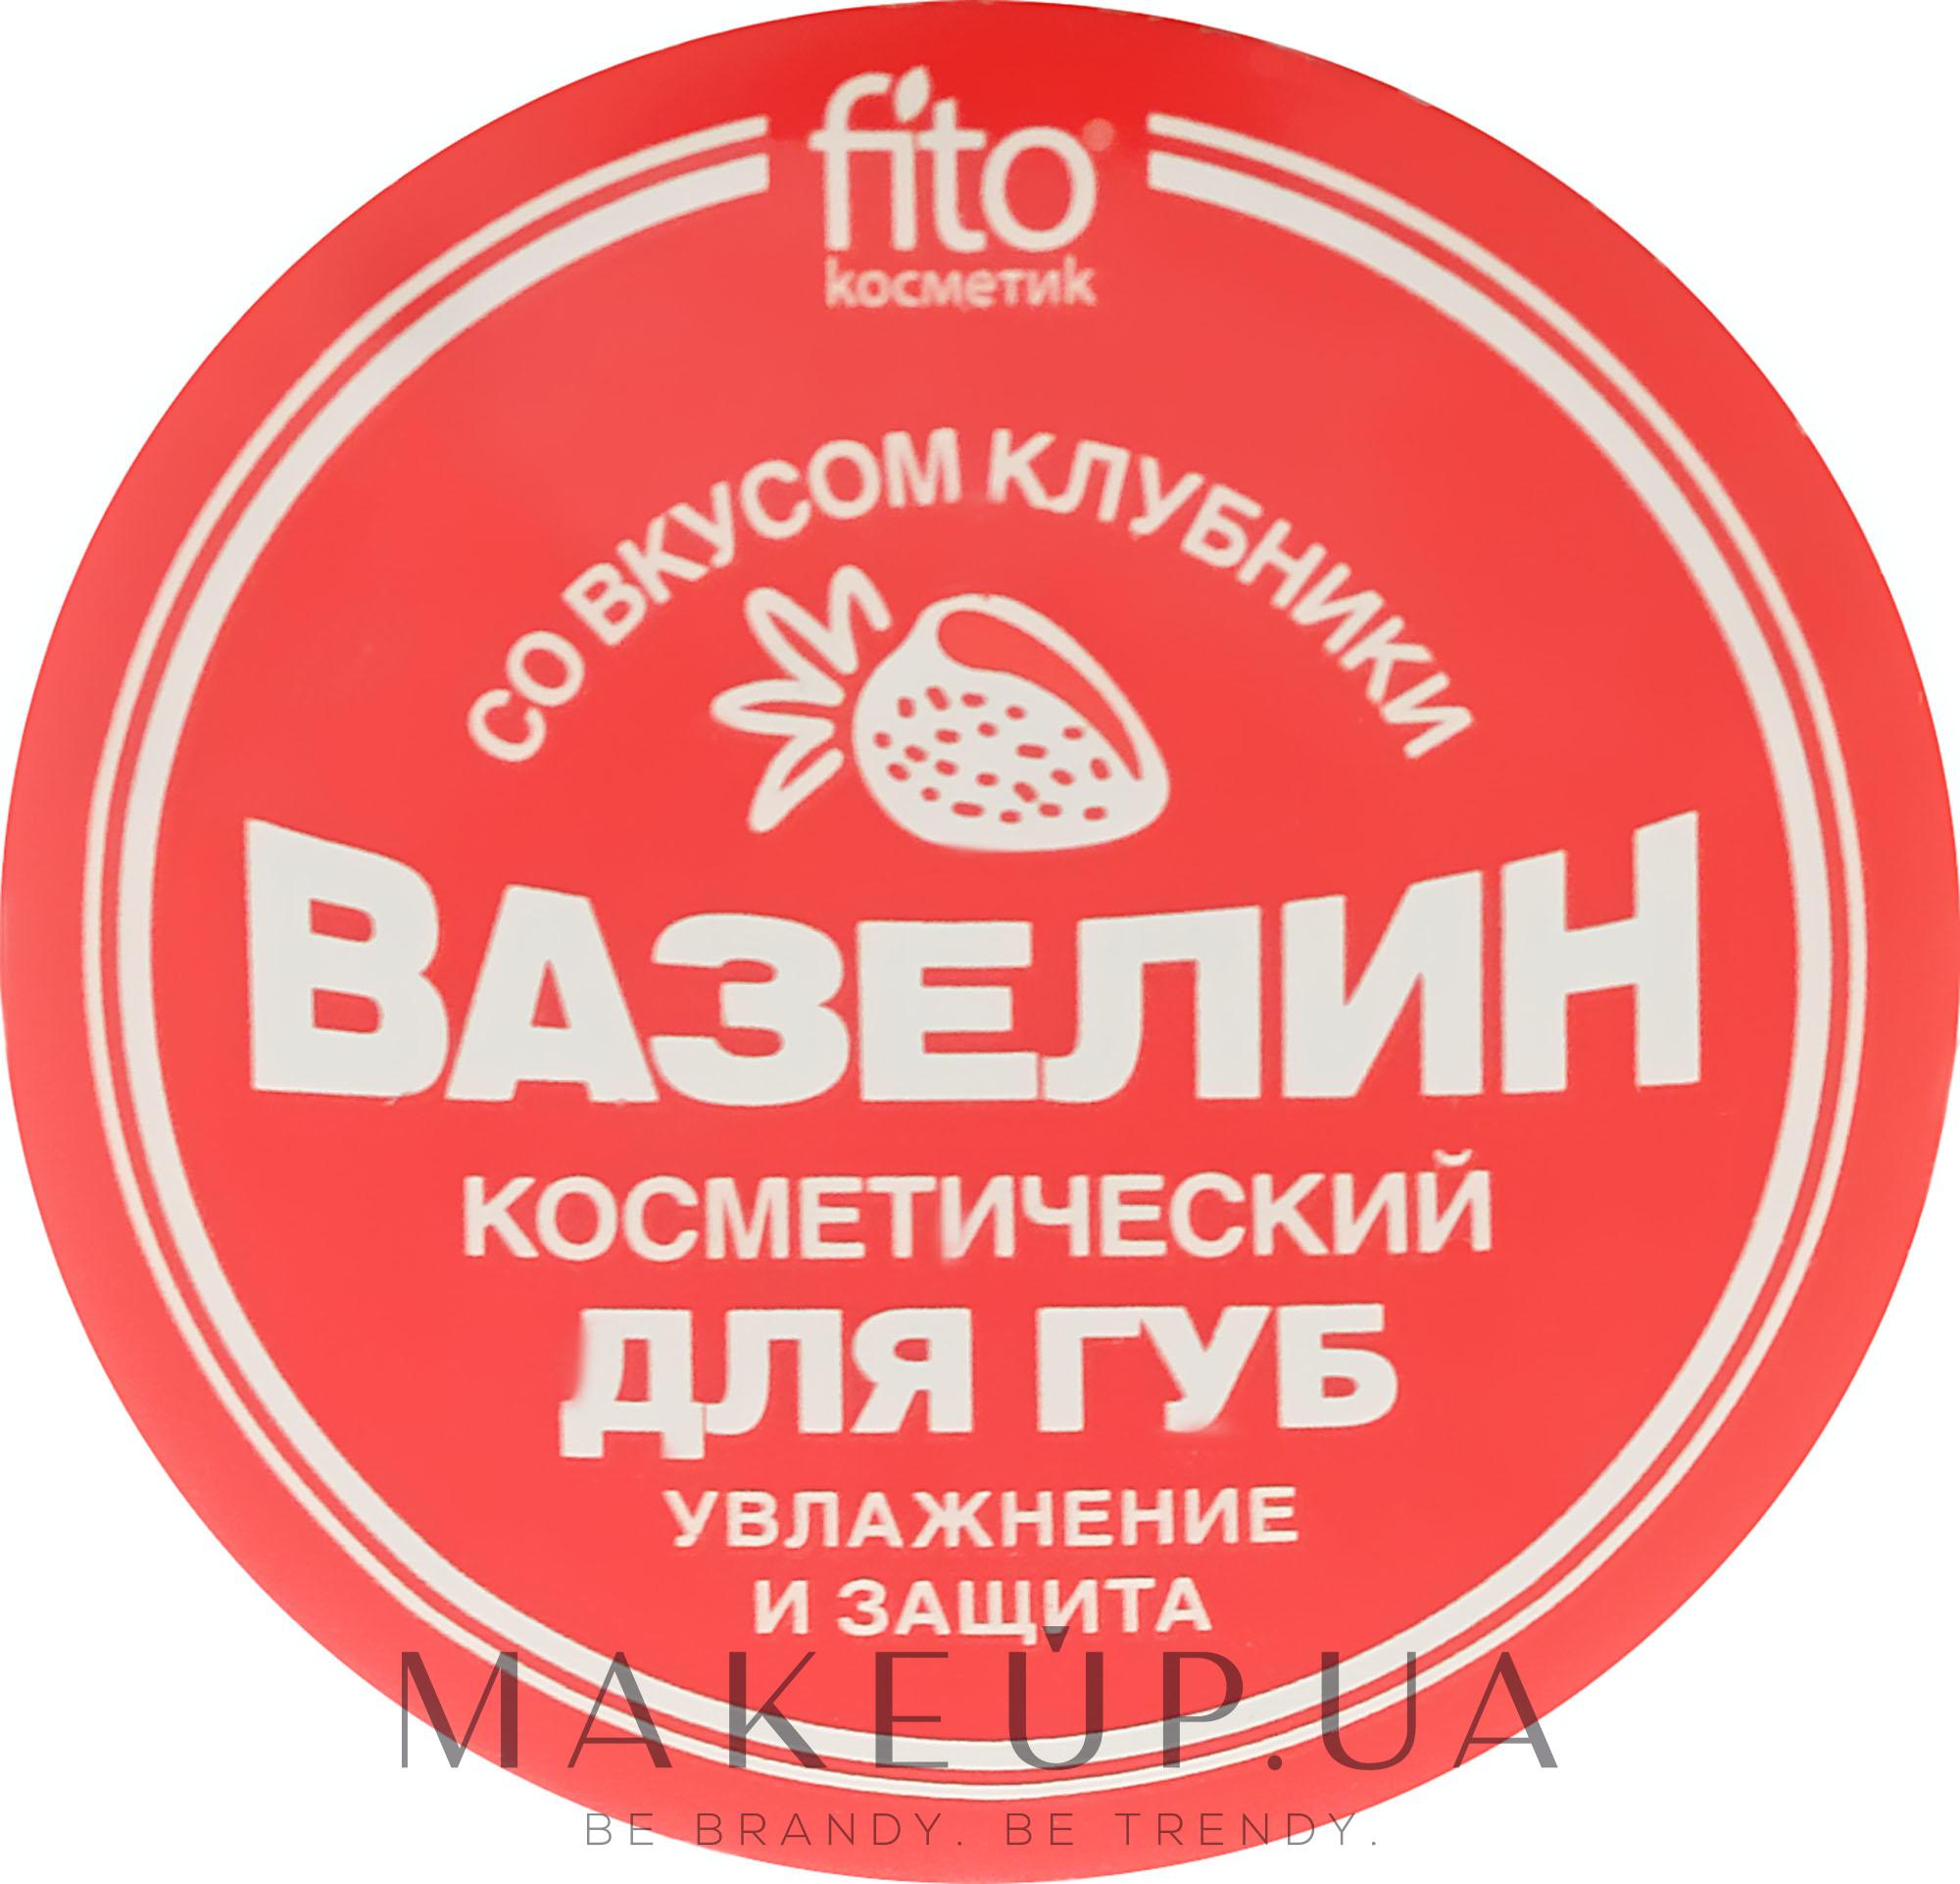 Вазелин косметический для губ увлажнение и защита со вкусом клубники - Fito Косметик — фото 10g